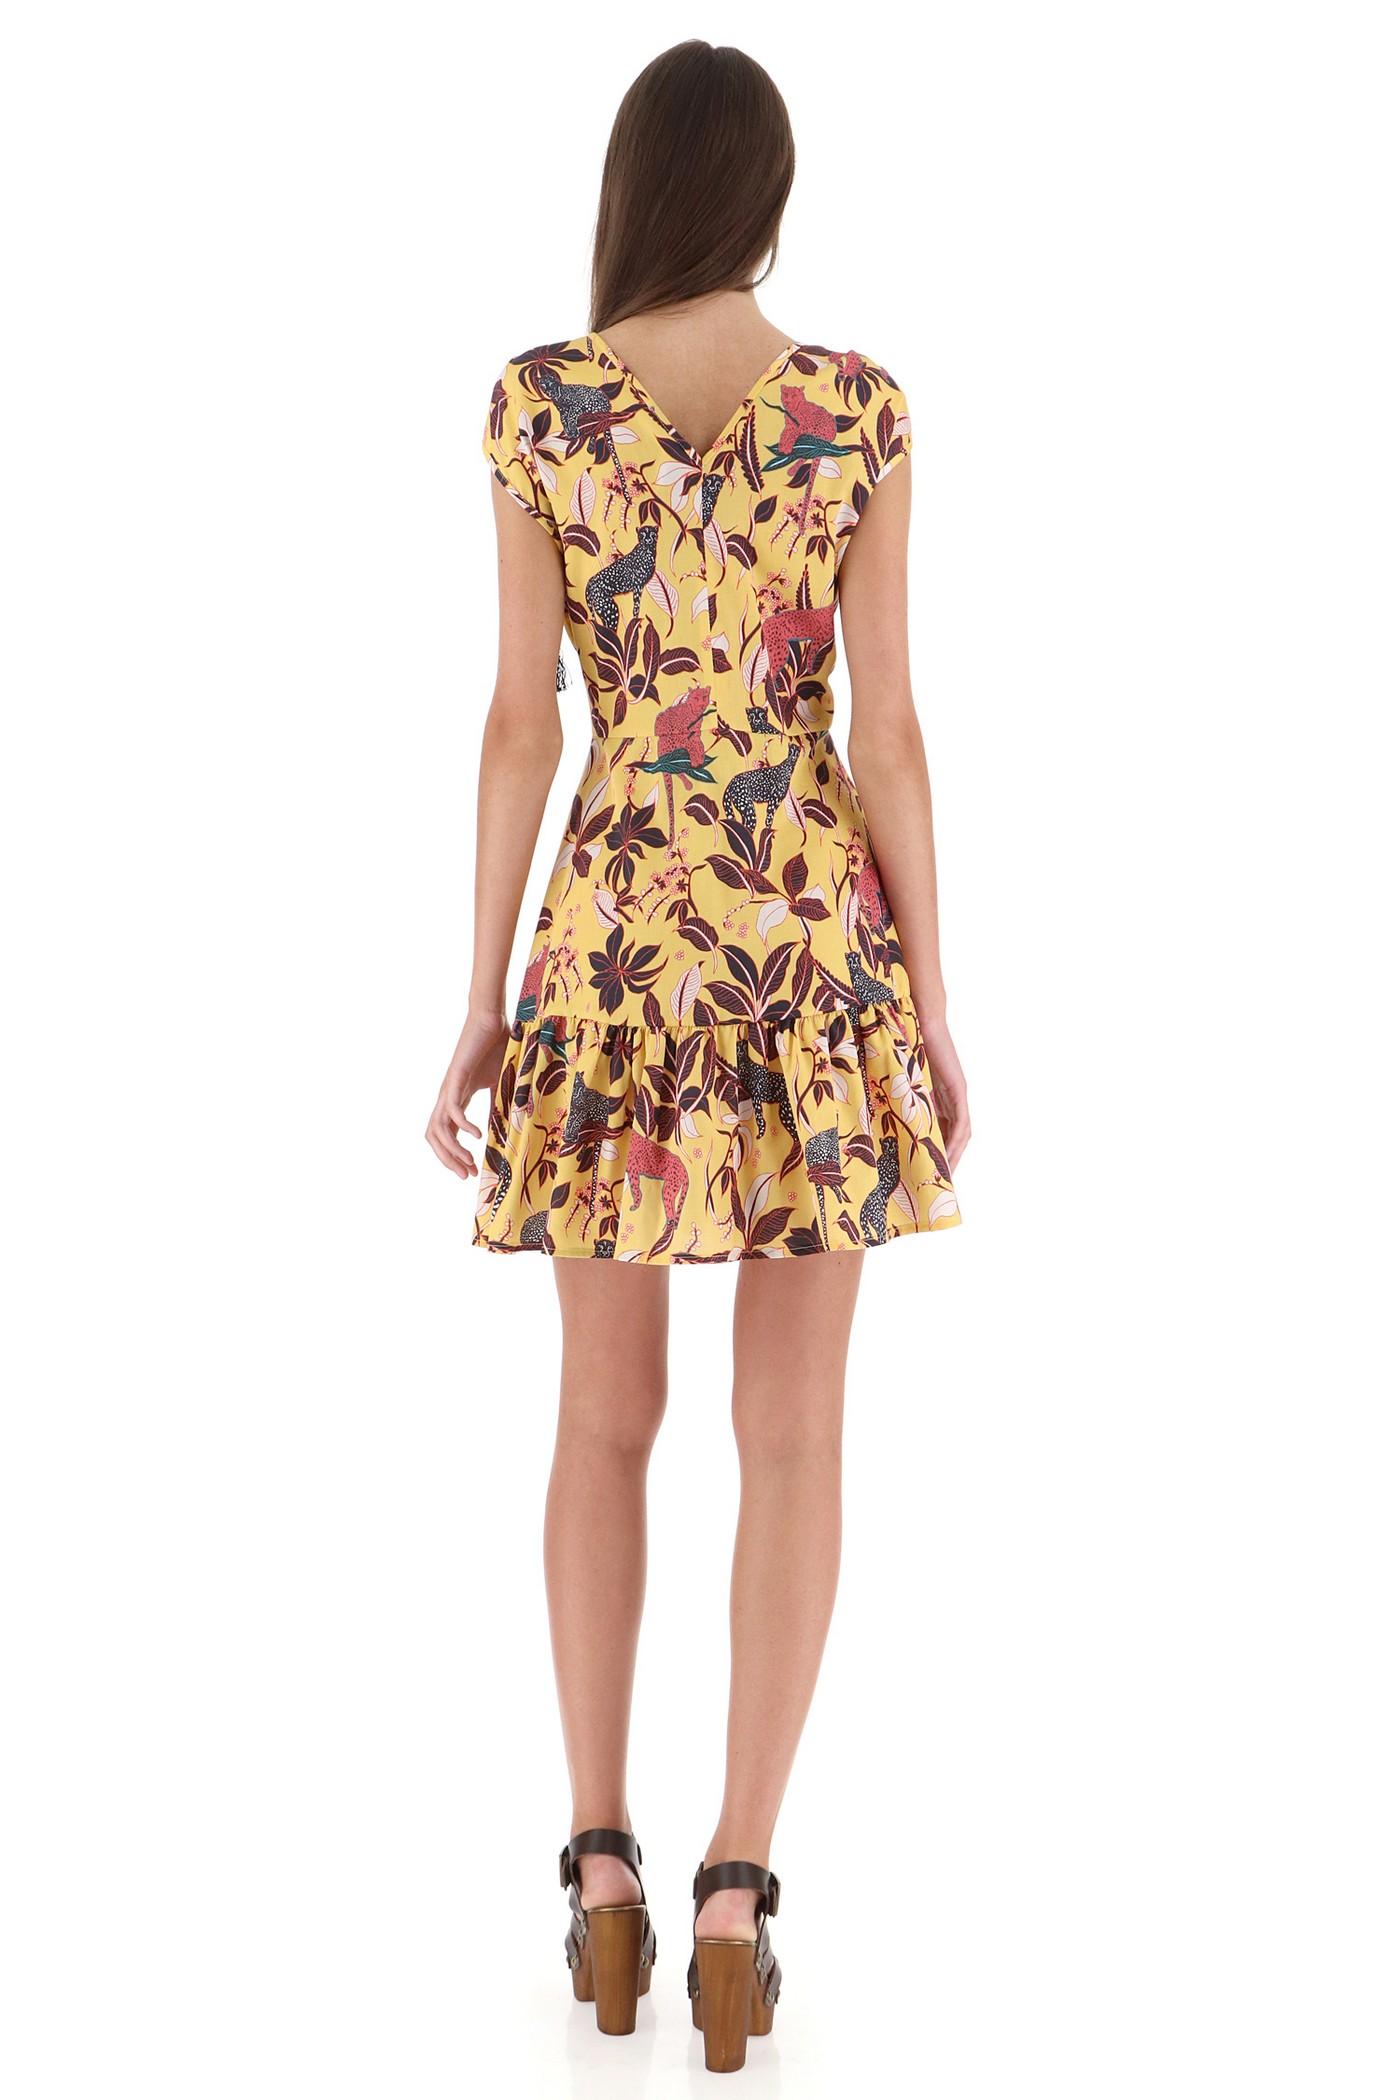 Хлопковое желтое  платье,с африканским принтом Imperial